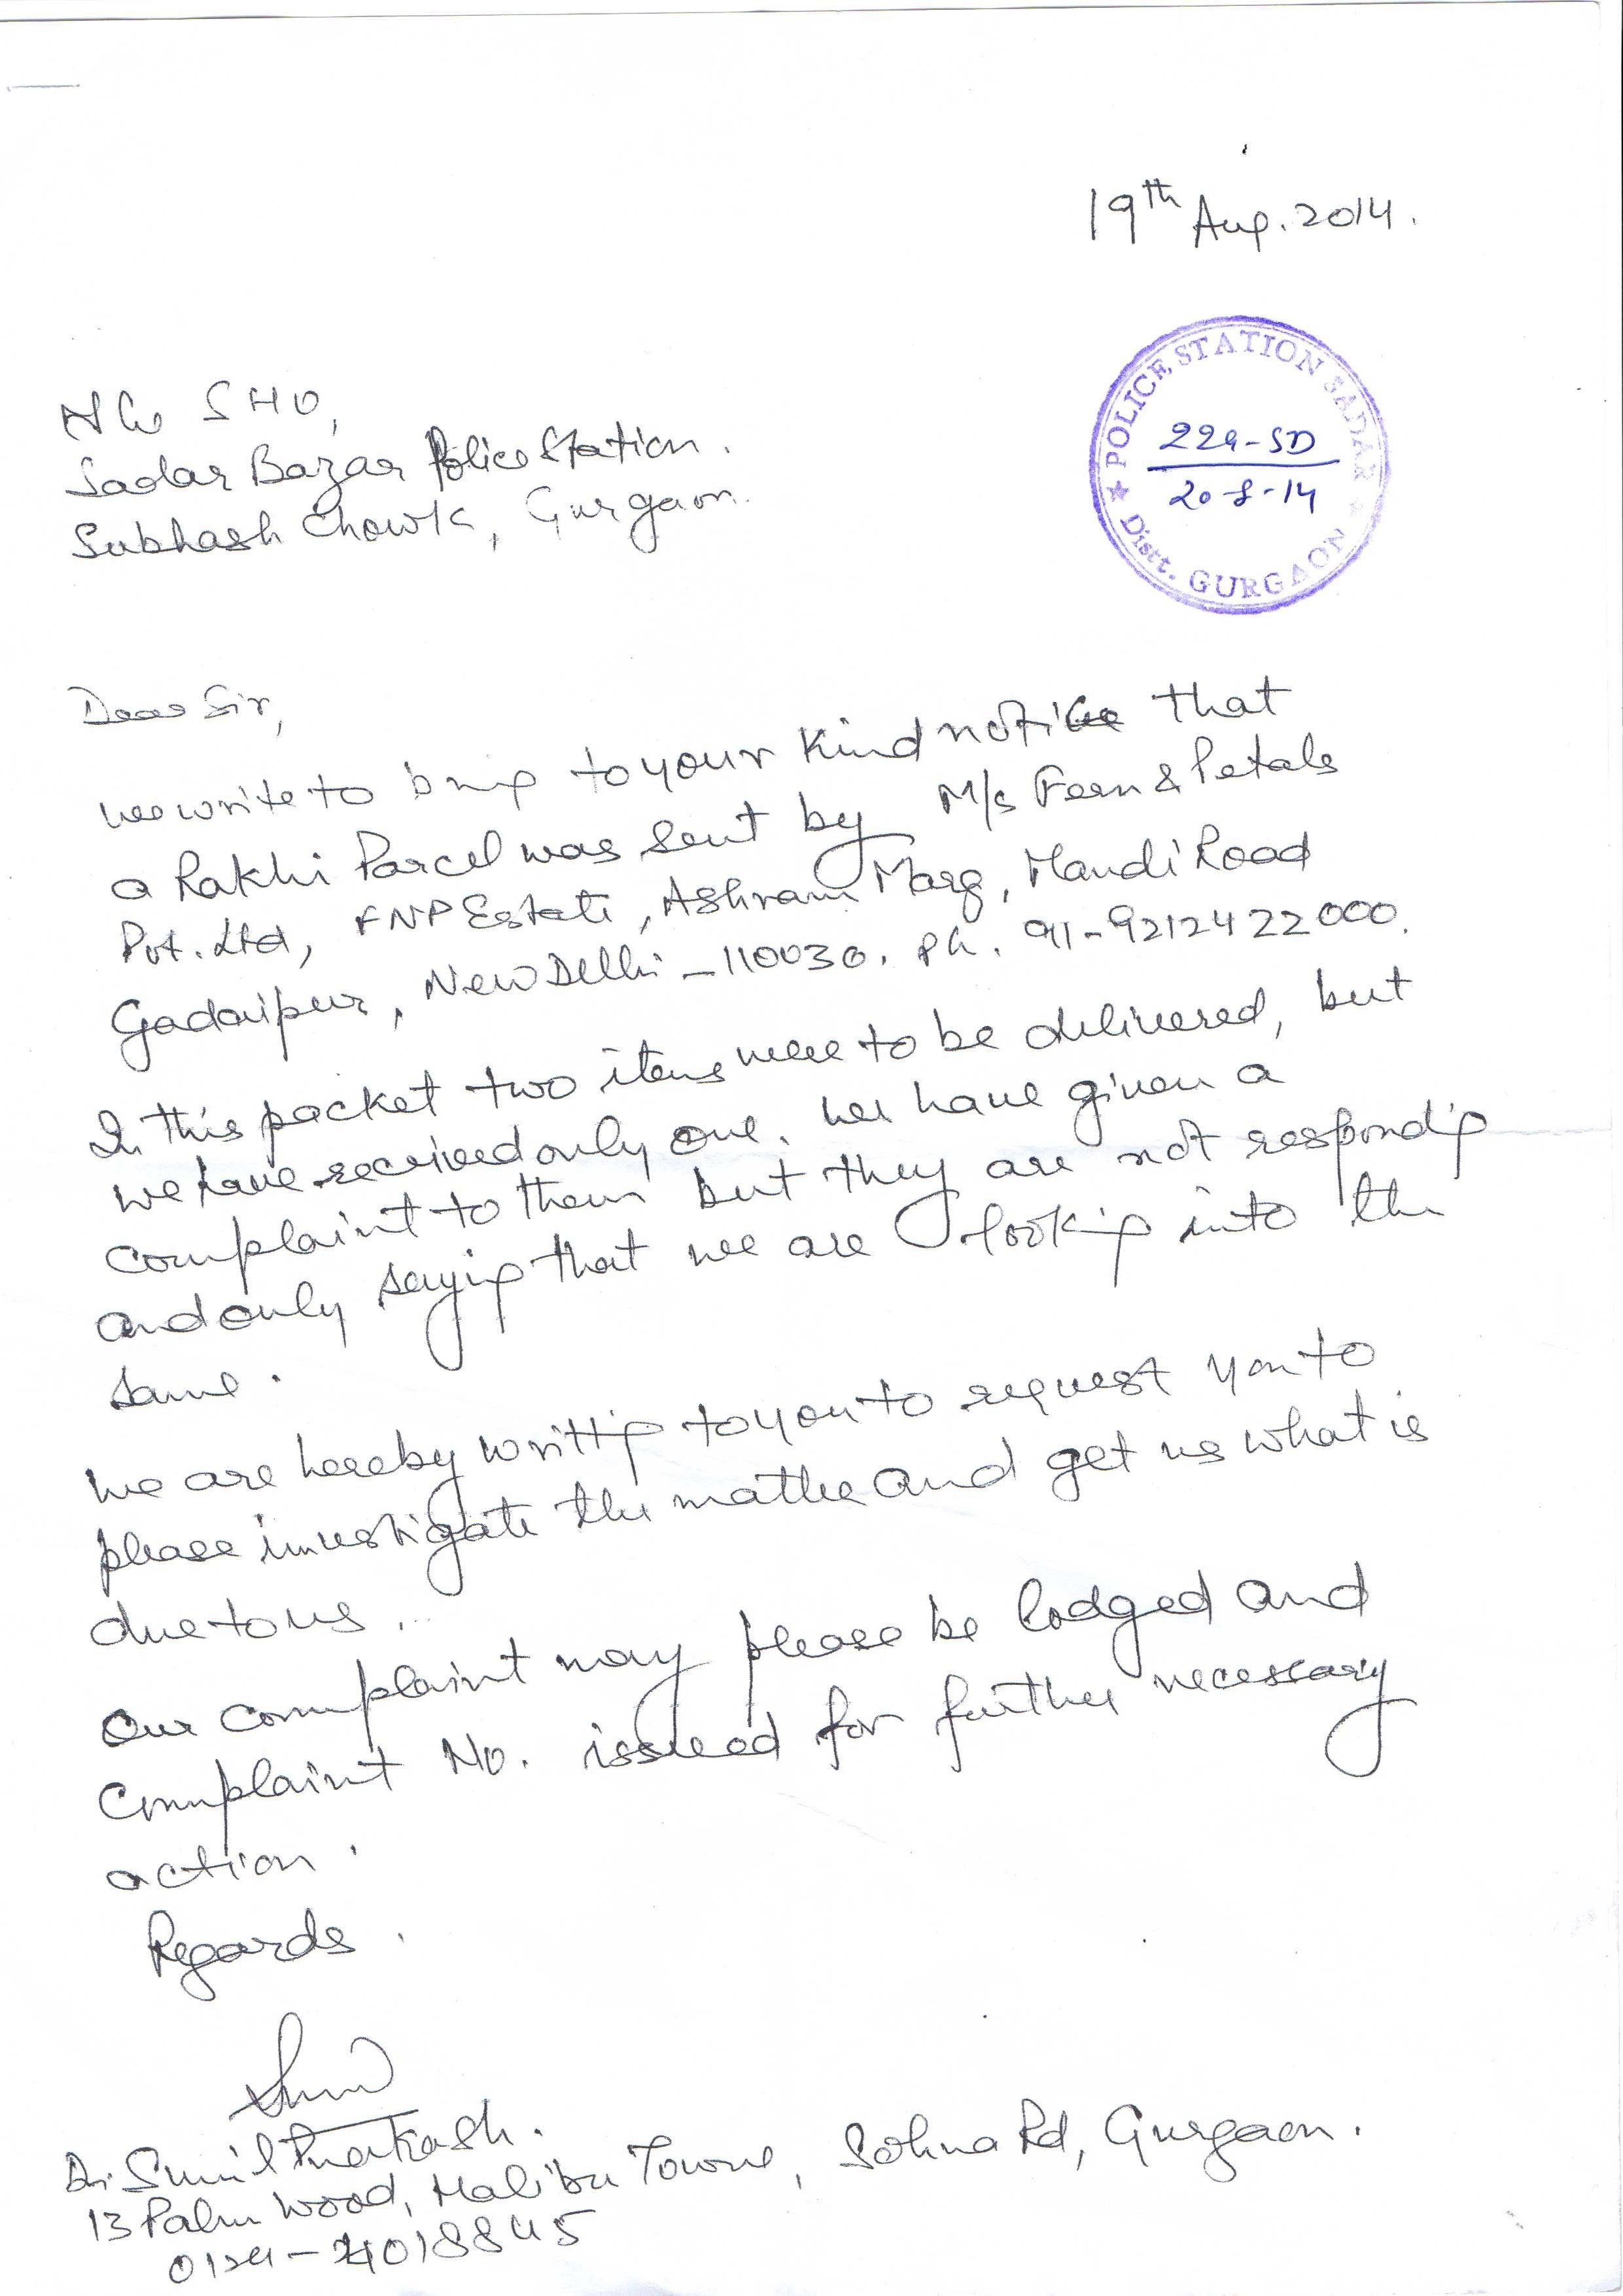 letter___20140901013148___.jpg